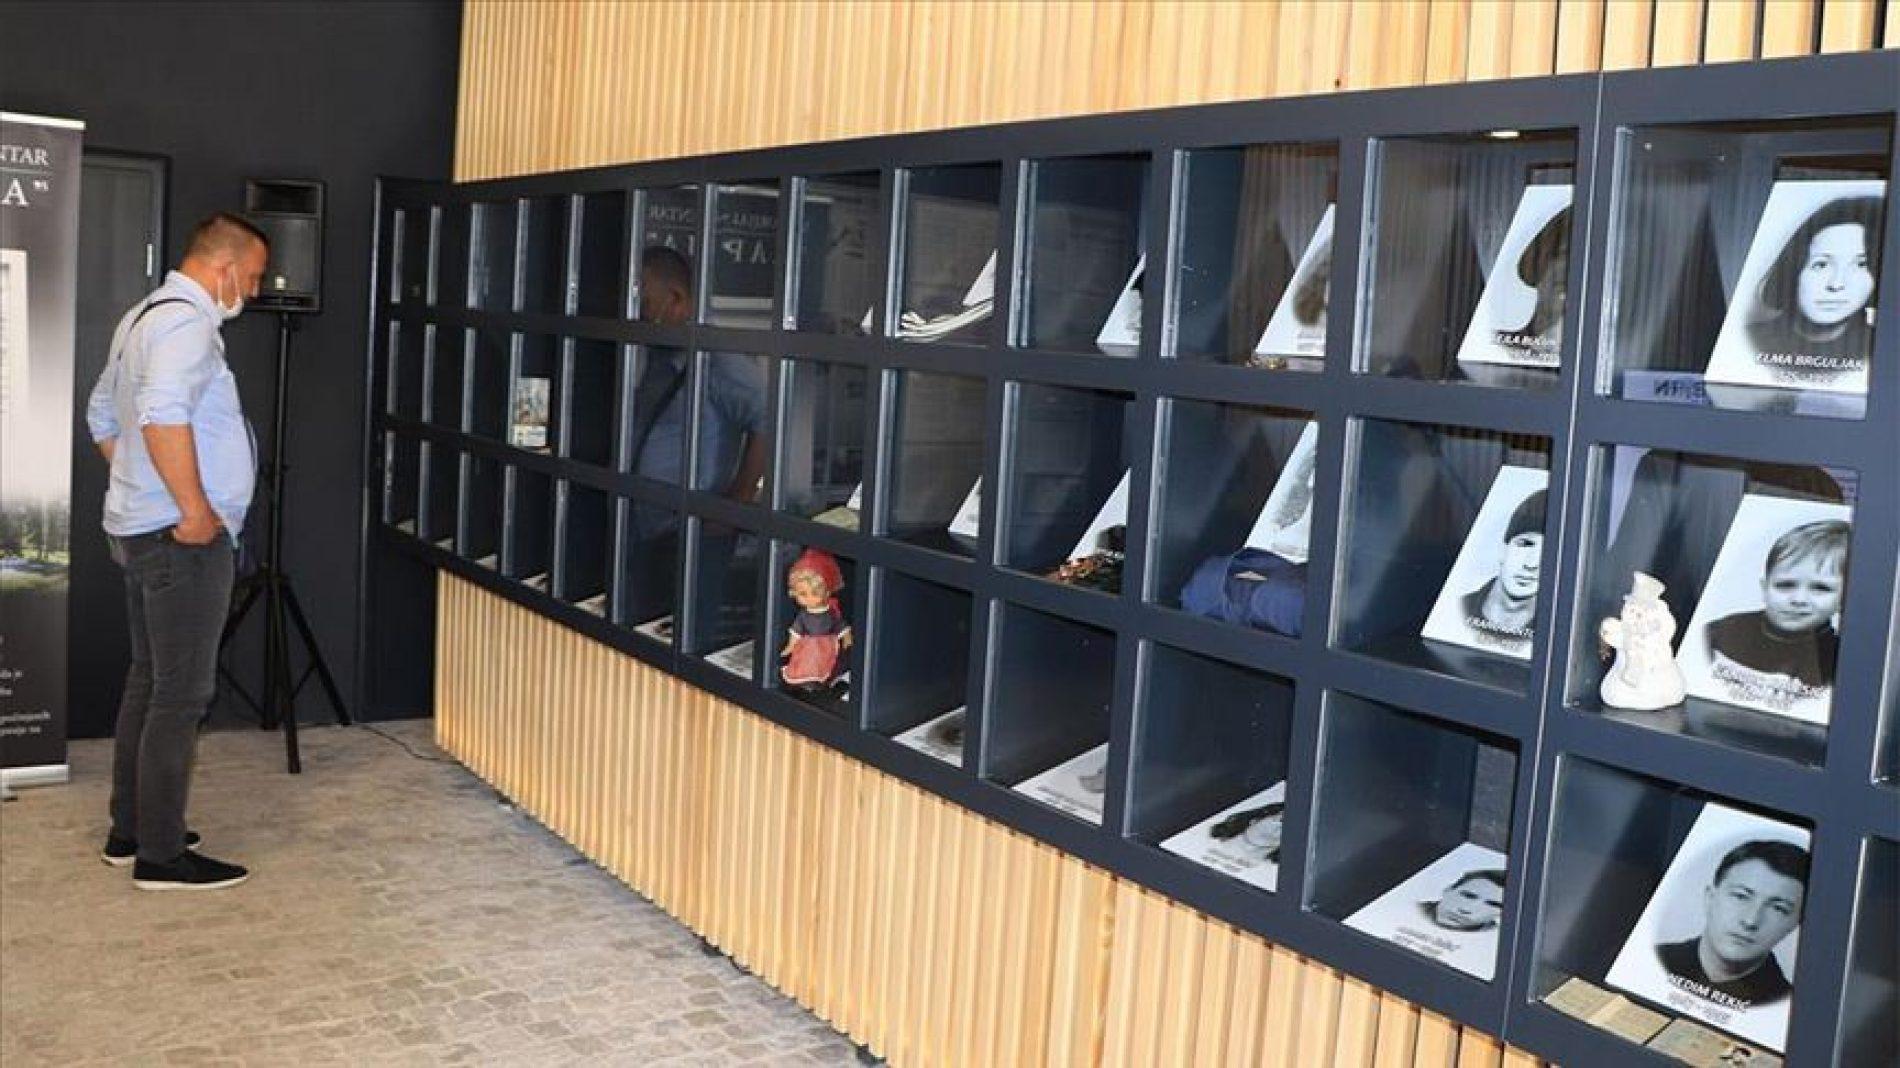 Otvoren Memorijalni centar Kapija u Tuzli: Čuvar dokaza o zločinu koji su zločinci počinili na Kapiji